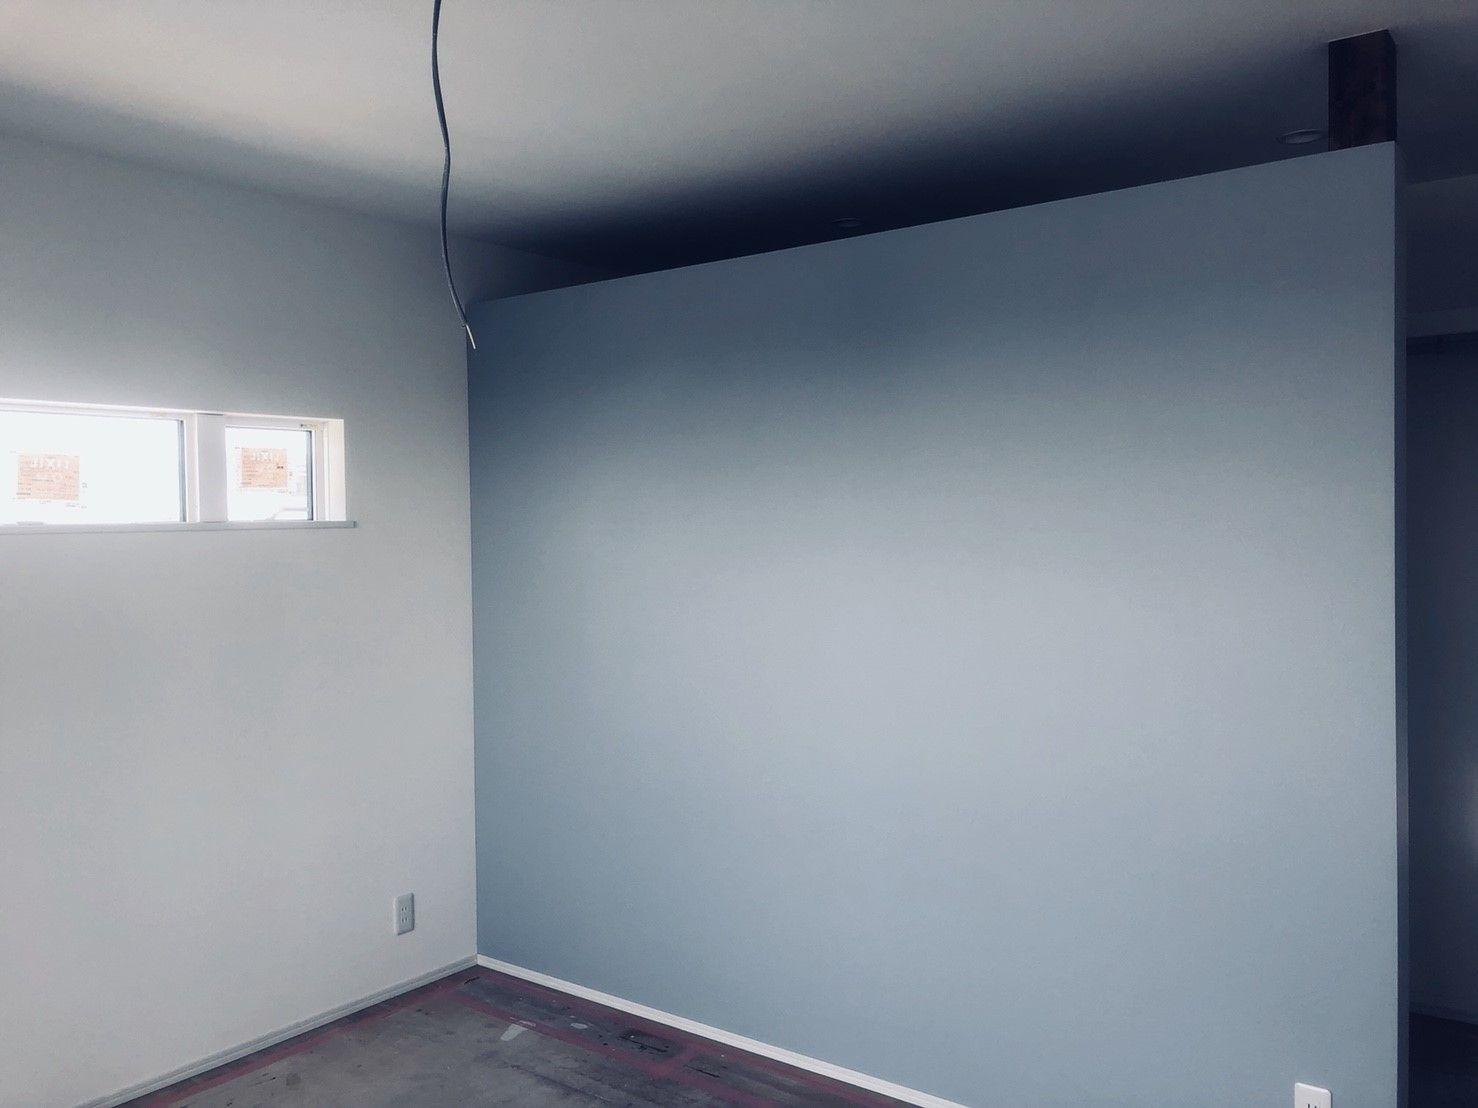 寝室 ブルーグレーの壁紙 壁でしきった収納 Bathtub Bathroom